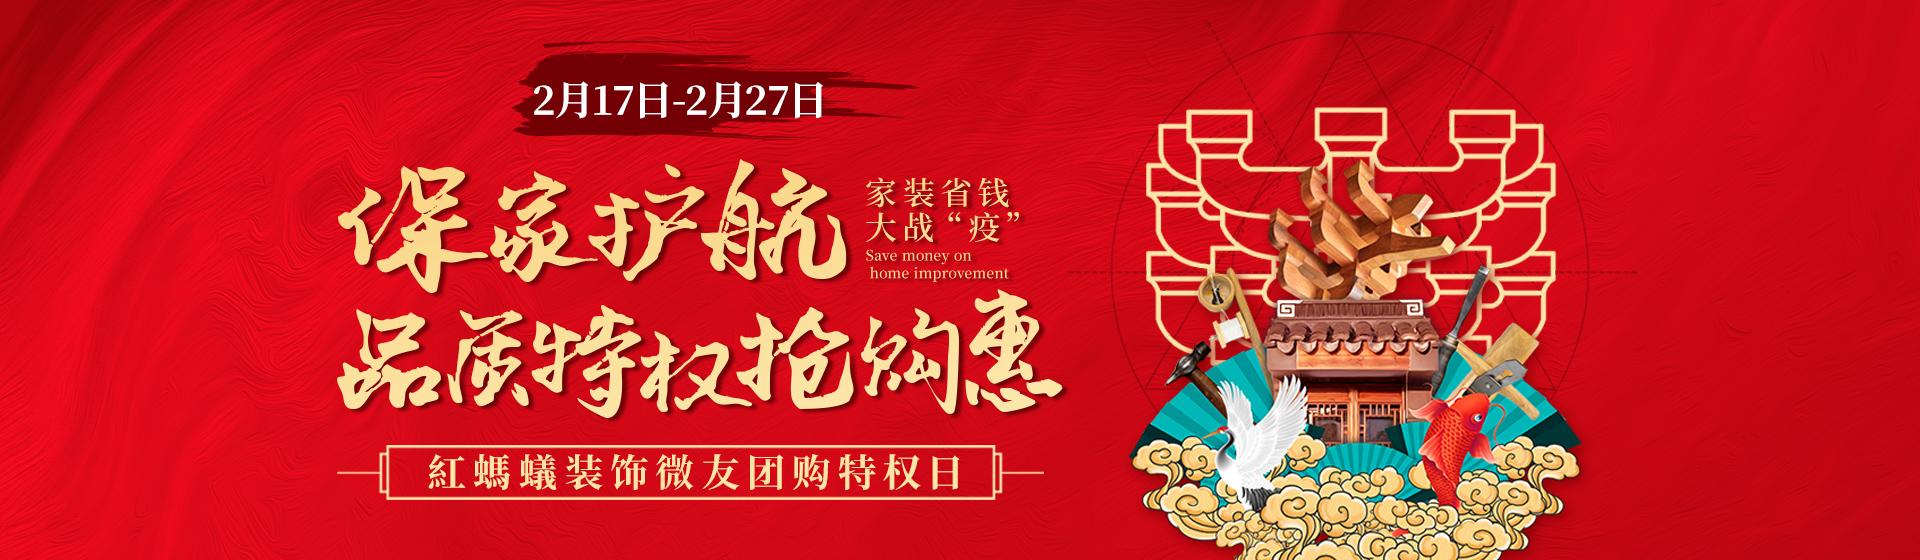 亚博体育足球官网亚博yabo88下载公司-红蚂蚁装饰新春家装盛典!